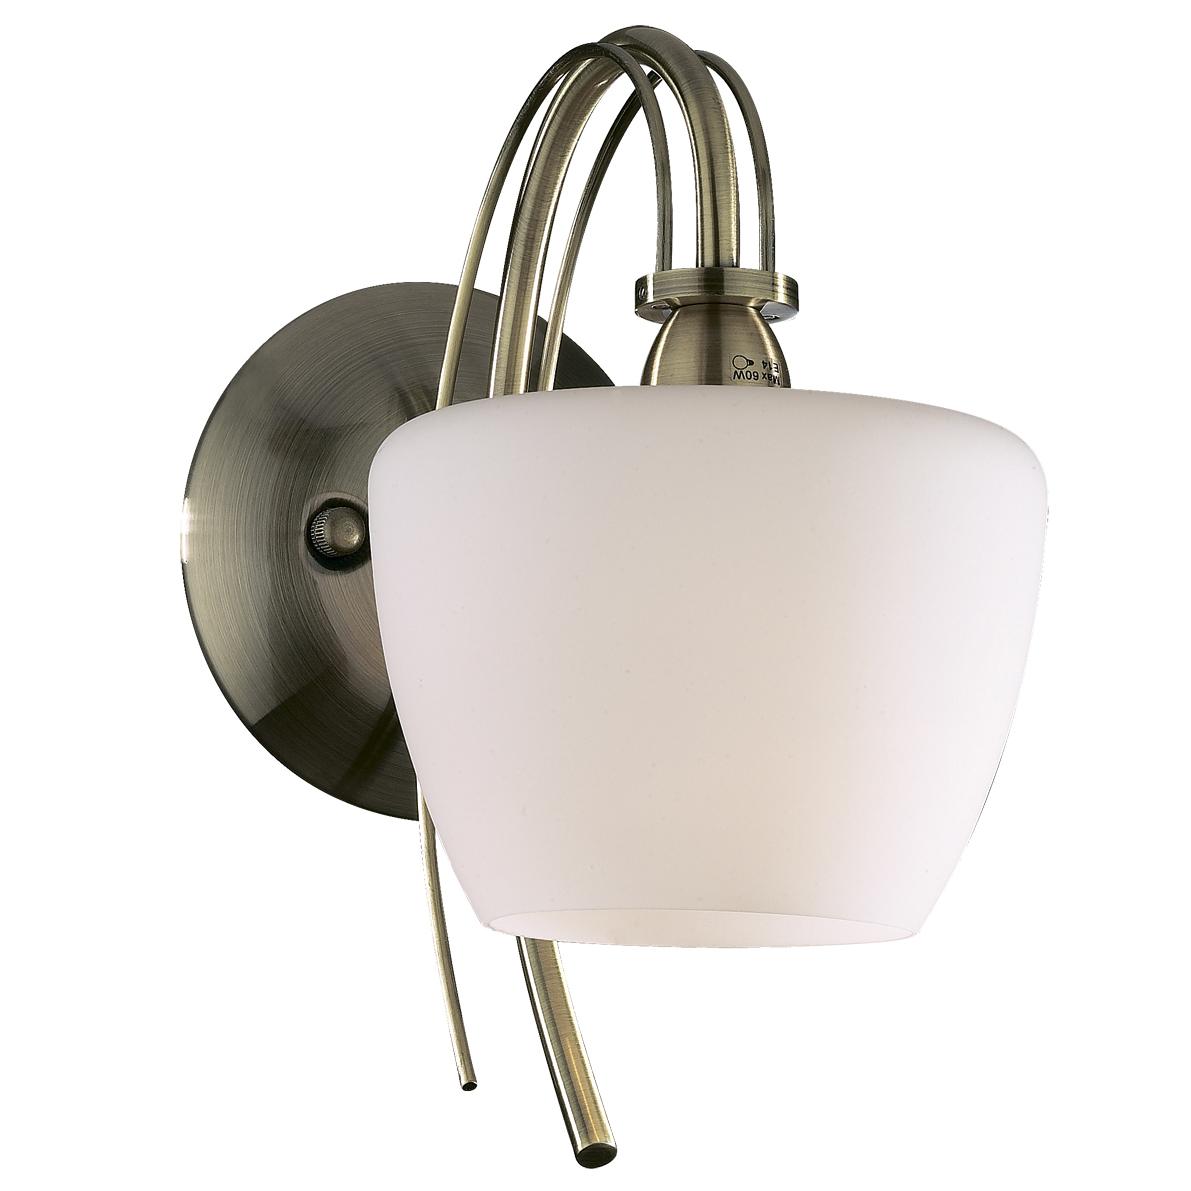 Бра Odeon lightНастенные светильники и бра<br>Тип: бра,<br>Назначение светильника: для комнаты,<br>Стиль светильника: классика,<br>Материал светильника: металл, стекло,<br>Тип лампы: накаливания,<br>Количество ламп: 1,<br>Мощность: 60,<br>Патрон: Е14,<br>Цвет арматуры: бронза,<br>Ширина: 229,<br>Высота: 250<br>